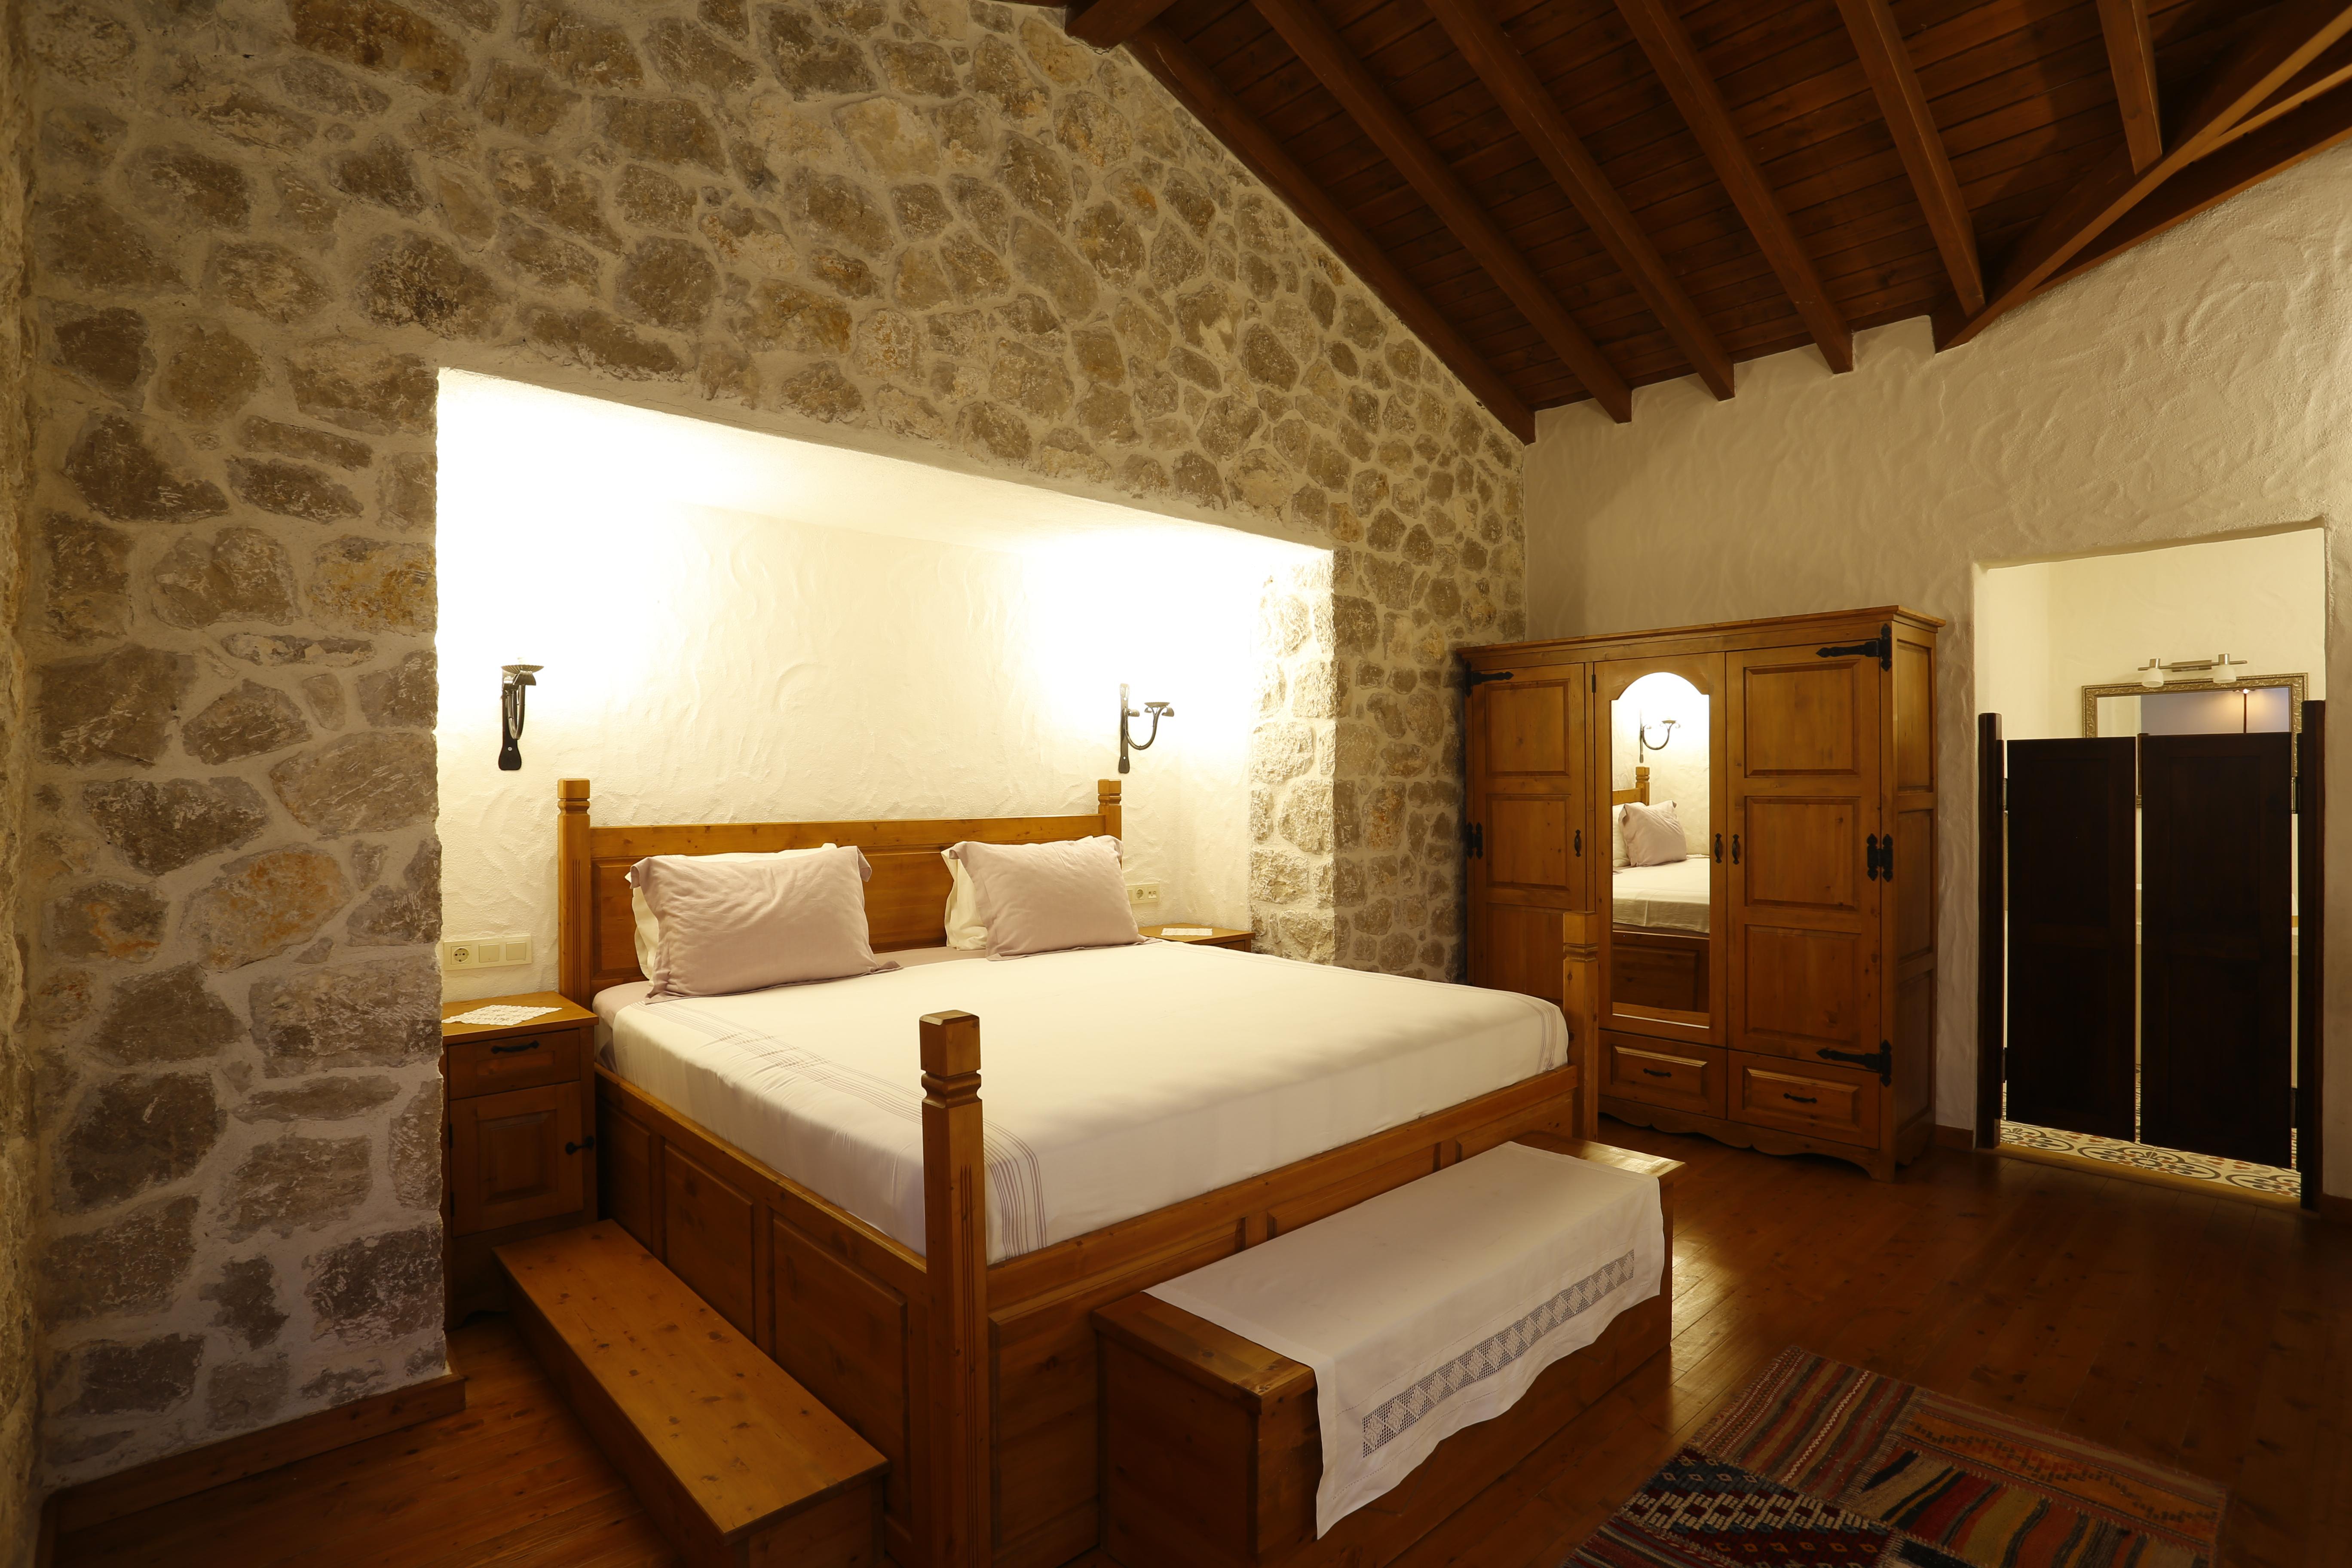 Appartement de vacances Luxurise Unterkunft und persnliches Ambiente in unzerstrter Natur (2124814), Fethiye, , Région Egéenne, Turquie, image 9